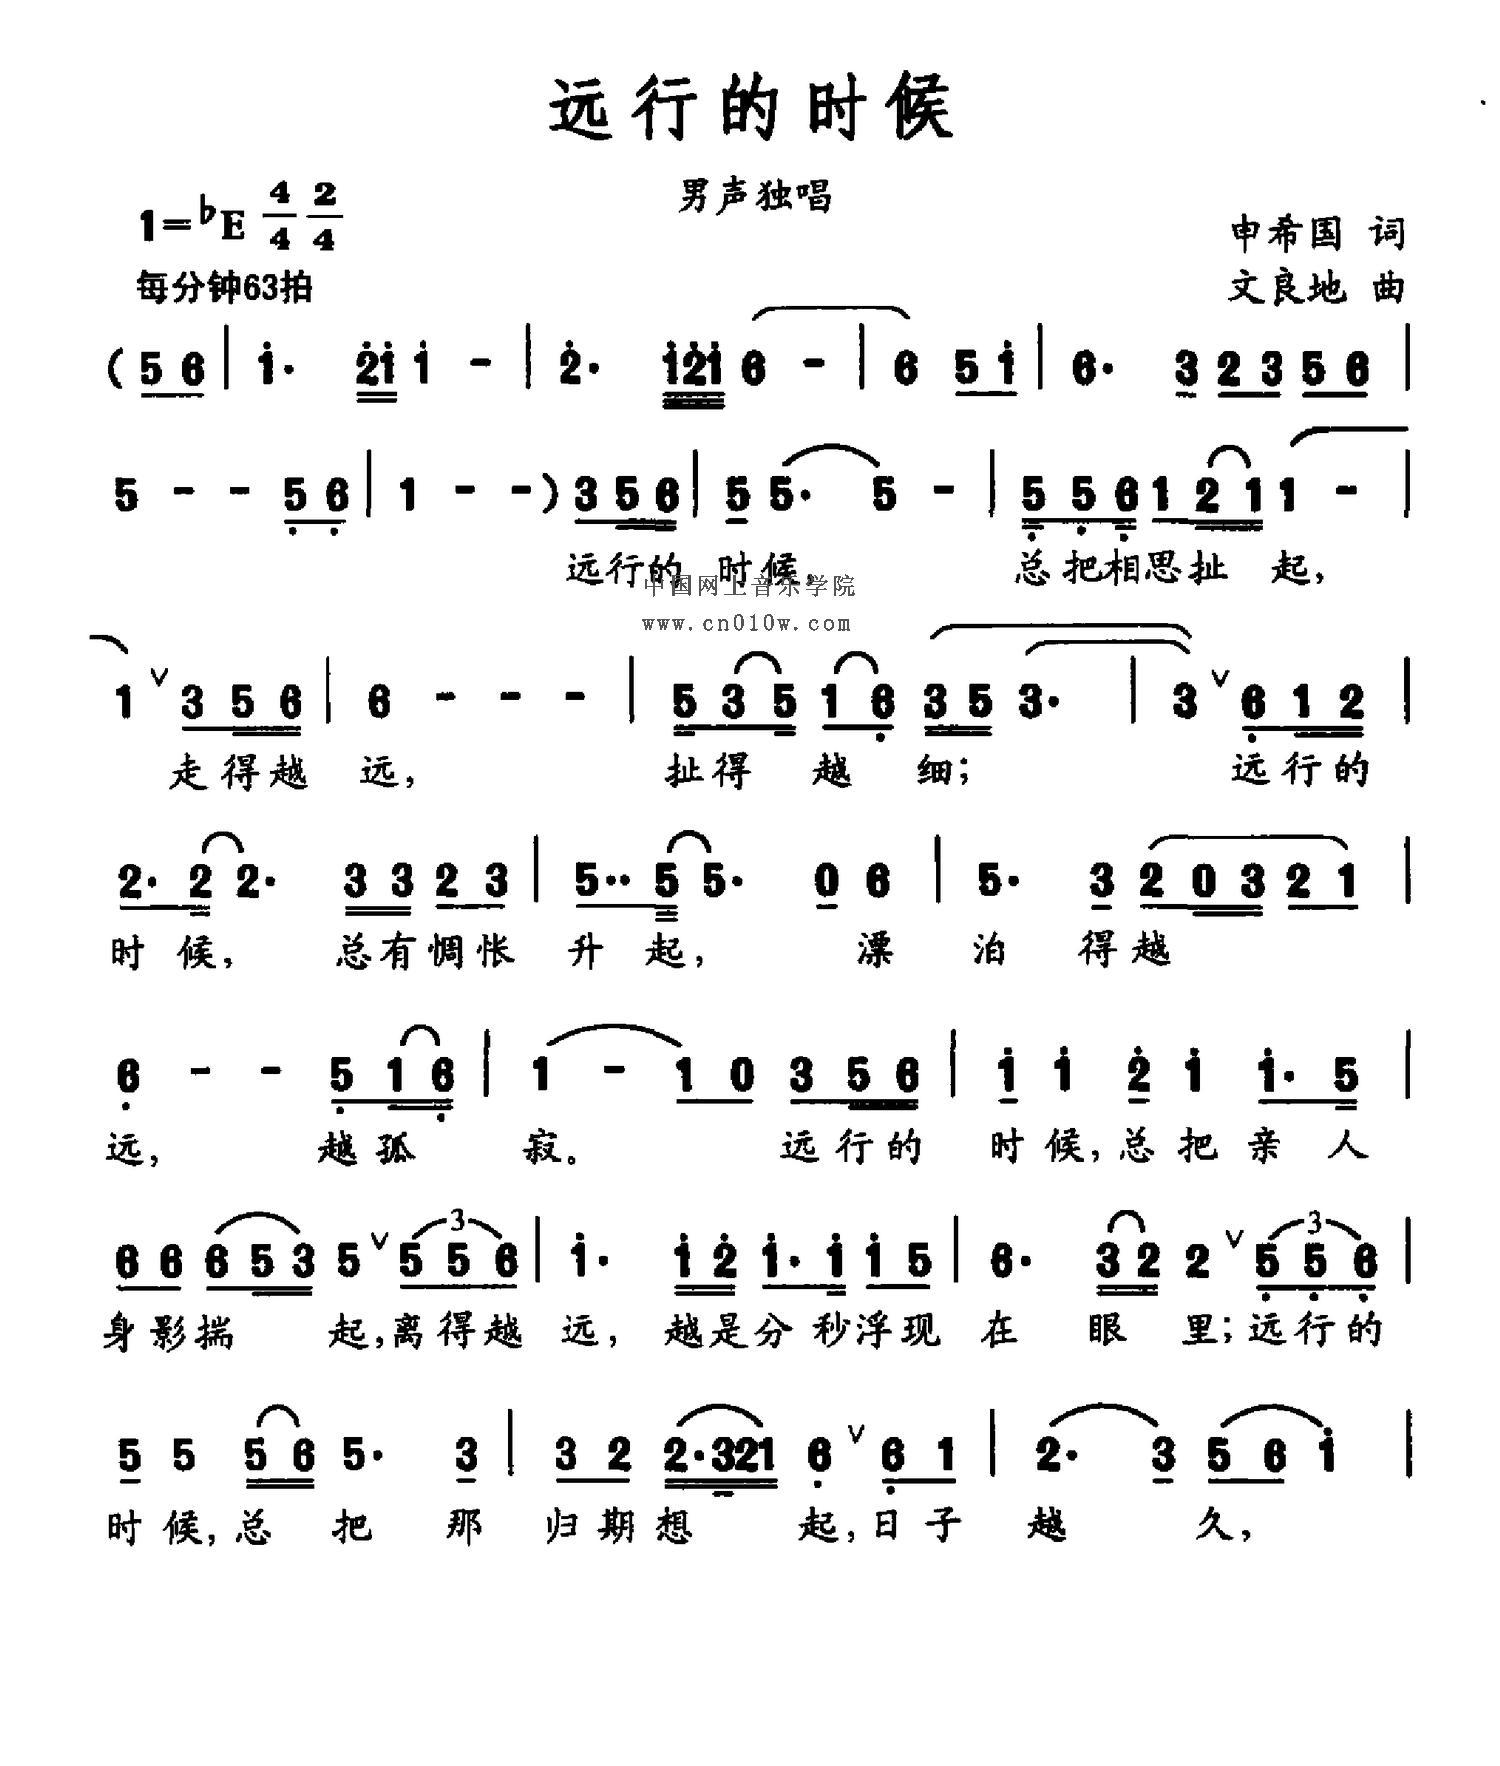 民歌曲谱_远行的时候01 民歌曲谱_远行的时候01下载 简谱下载 五线谱